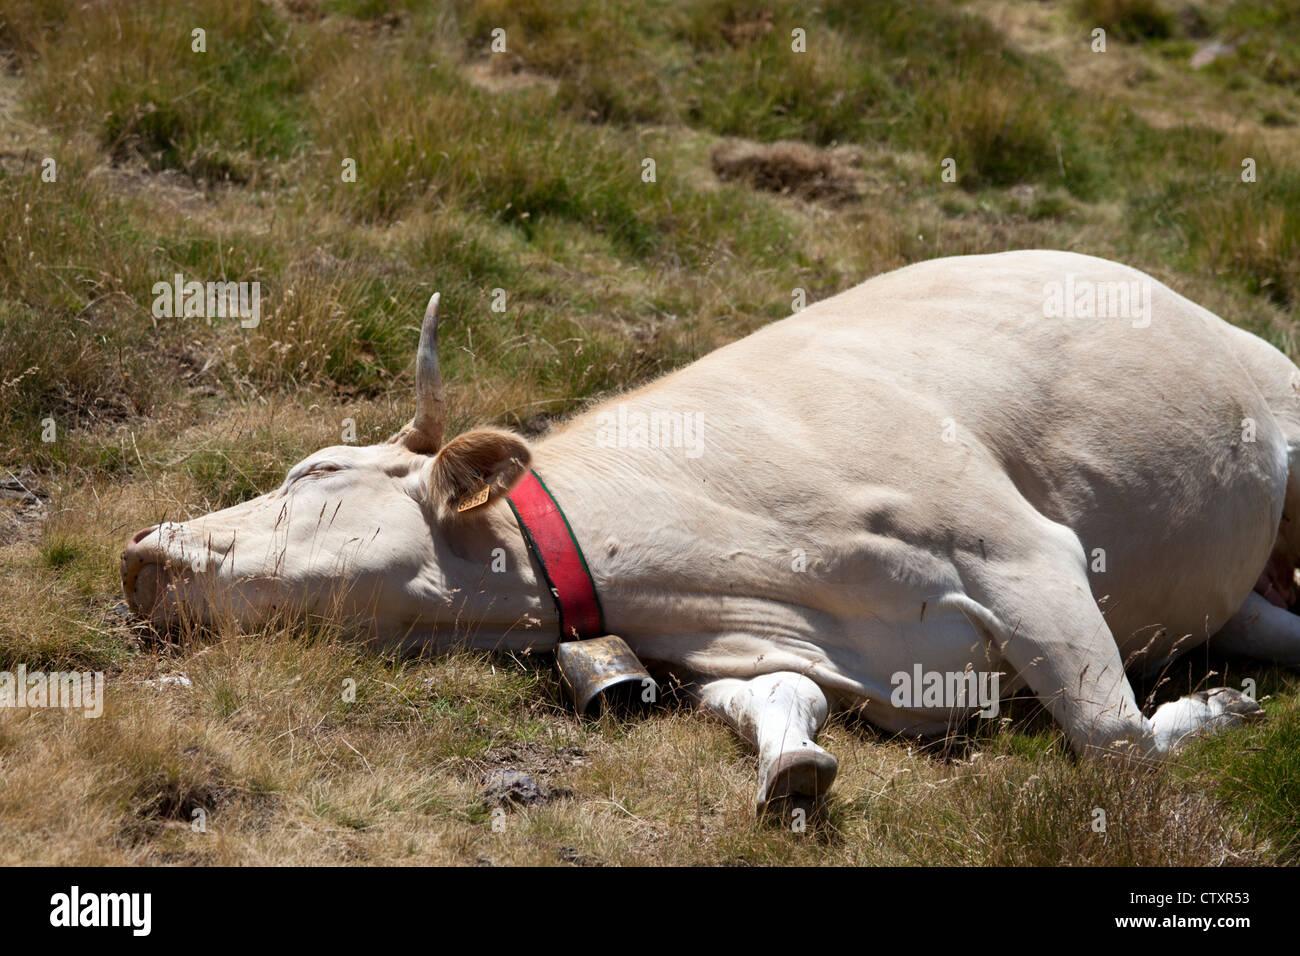 Une vache blonde d'Aquitaine au repos dans une position de détente (ouest des Pyrénées - France). Photo Stock